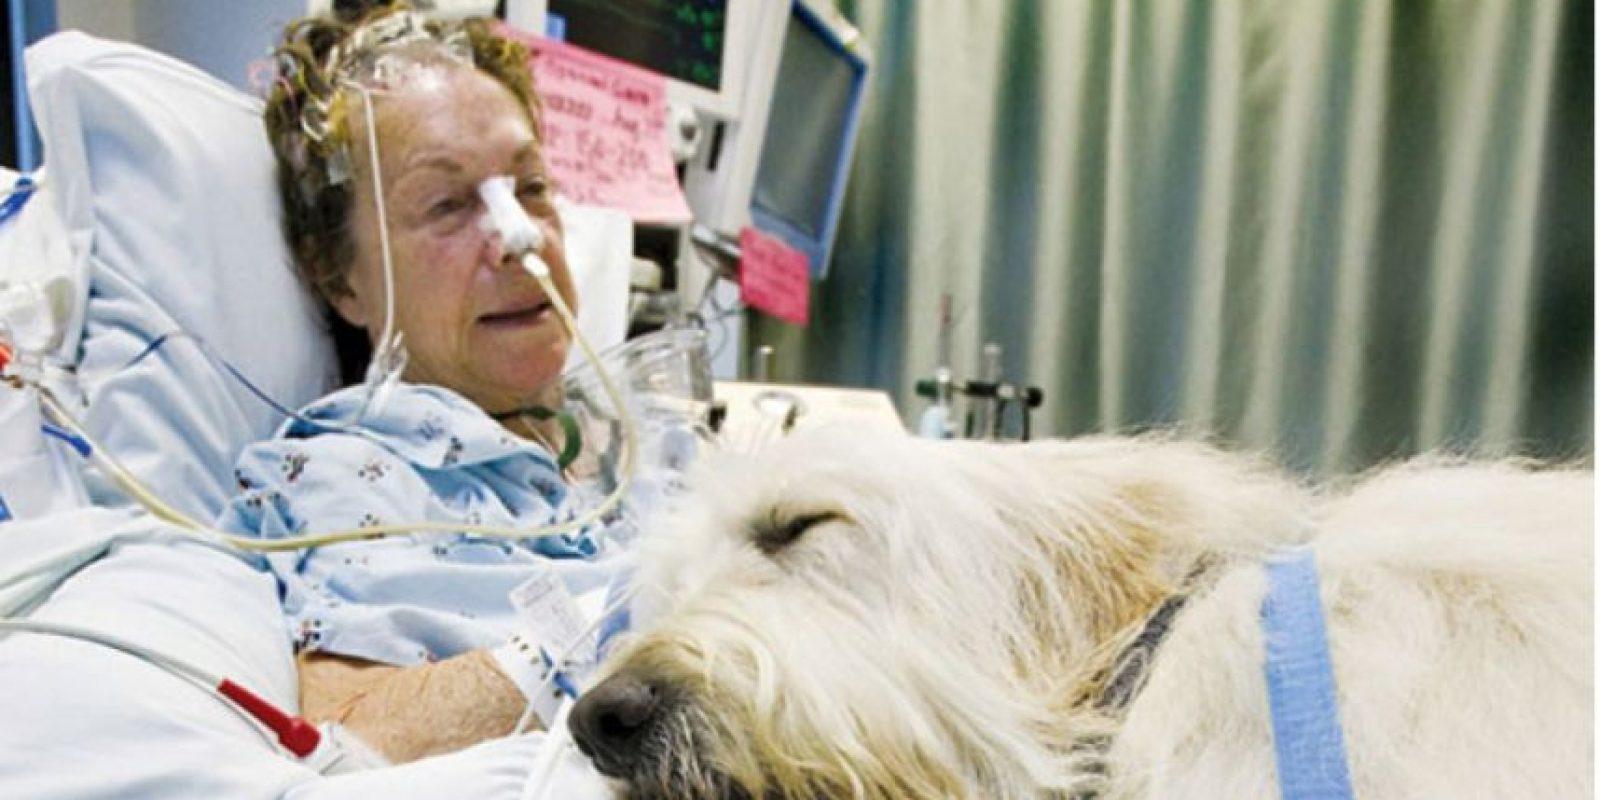 Estudios señalan que el contacto con los animales reduce el estrés de los pacientes. Foto:zacharyspawsforhealing.com/